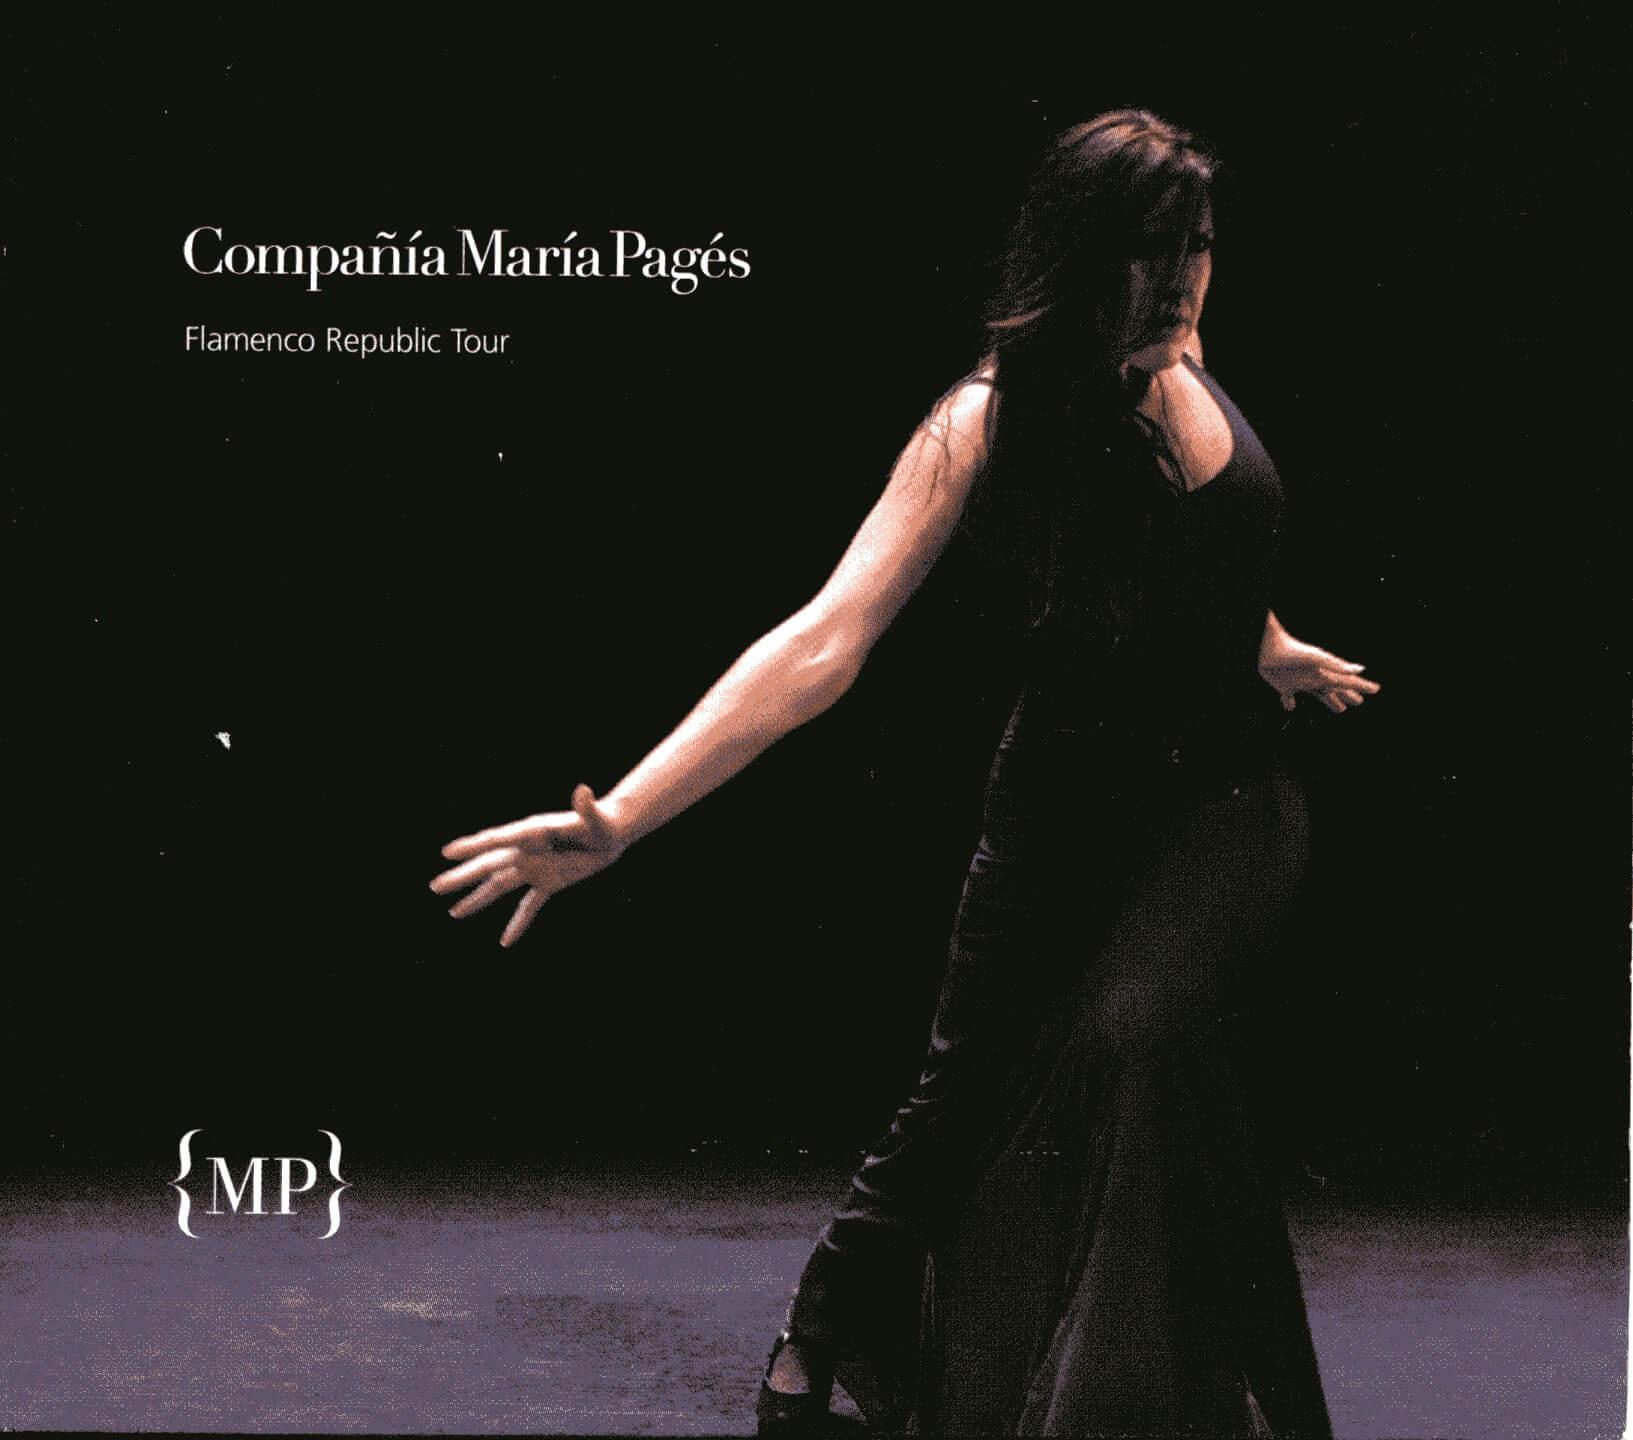 COMPAÑÍA MARÍA PAGÉS | FLAMENCO REPUBLIC TOUR